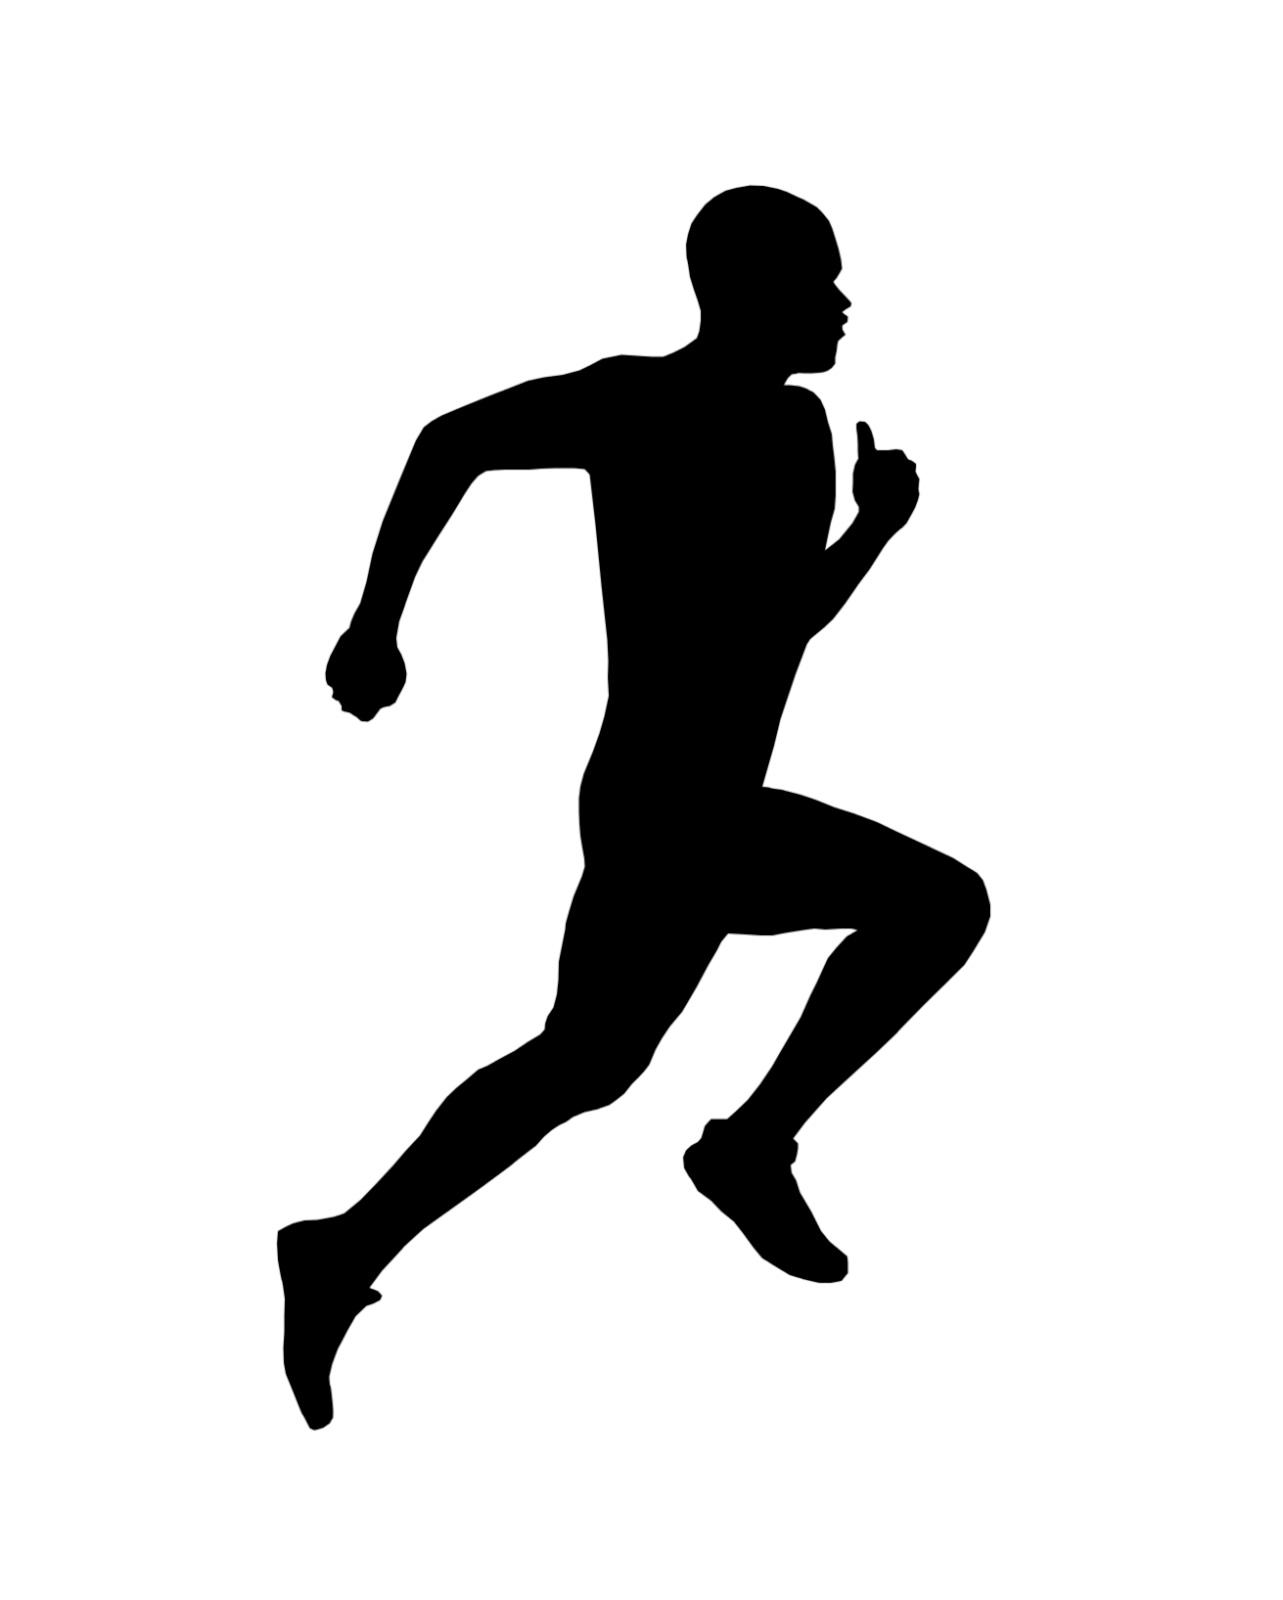 avoid foot injuries run locally run safely nj healthy feet avoid foot injuries run locally run safely